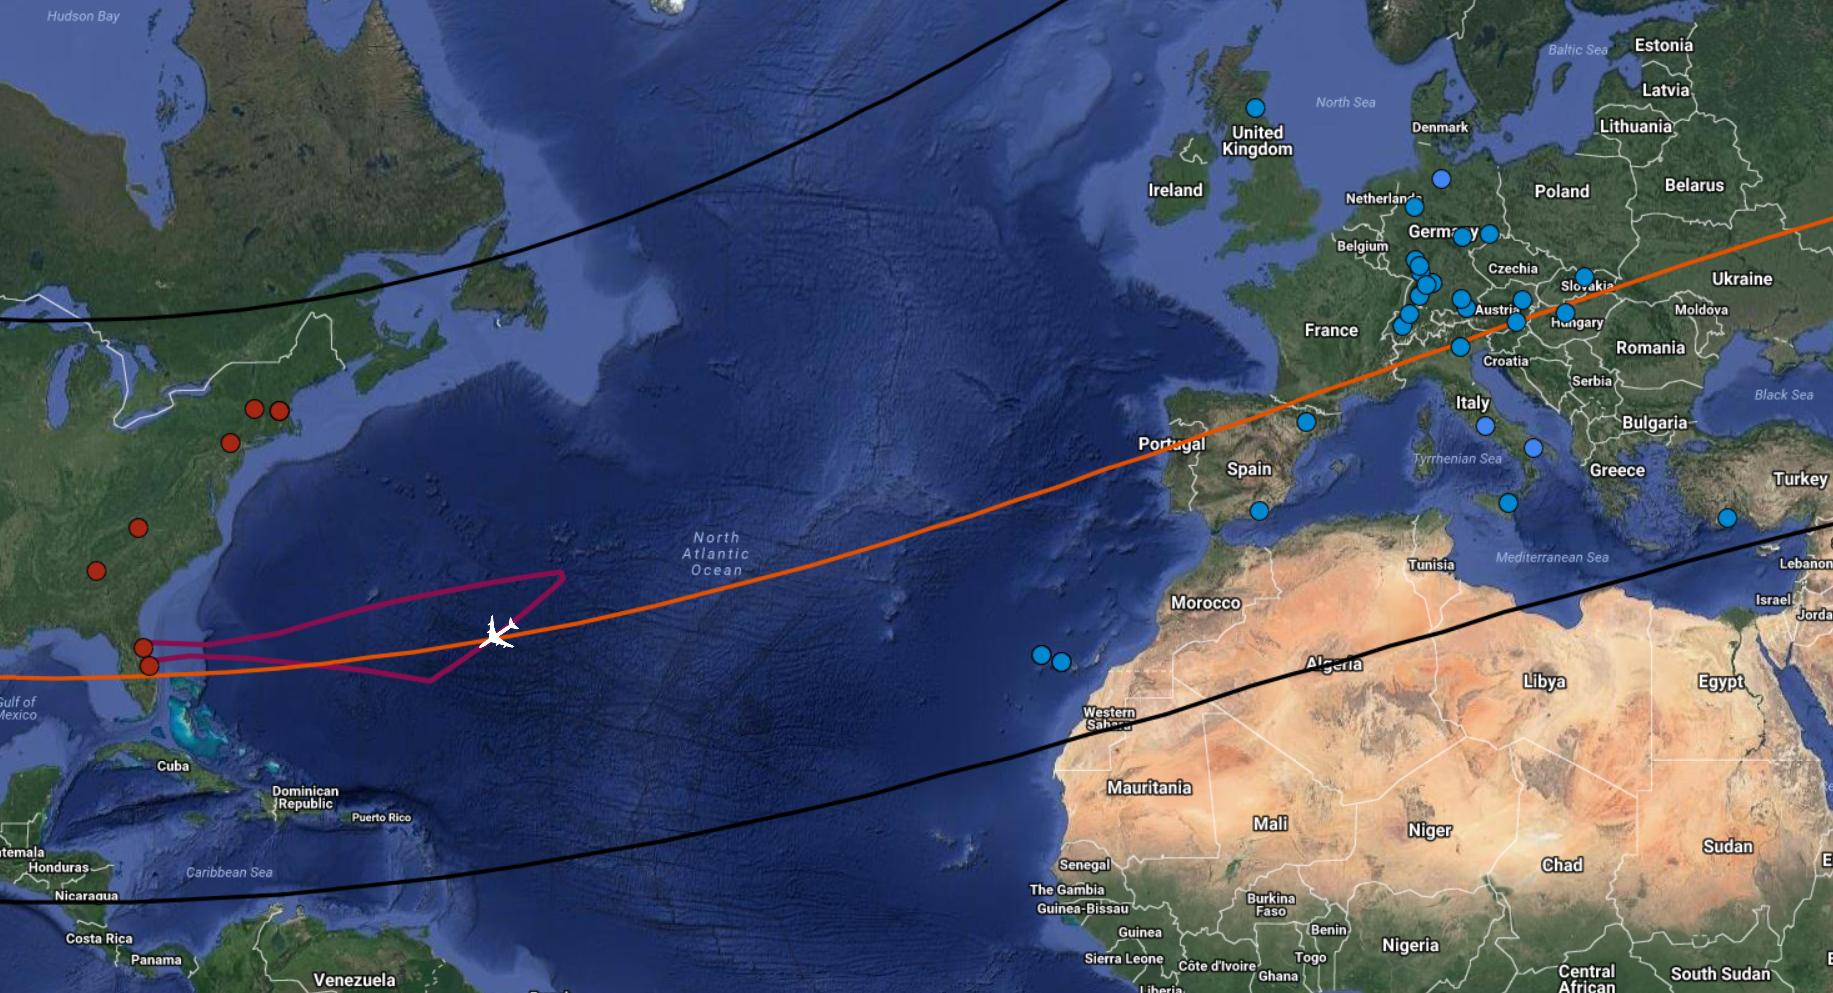 Czarnymi liniami zaznaczono granice cienia Trytona przechodzącego przeztarczę Ziemi, natomiast pomarańczową – jego środek. Czerwona linia totrajektoria lotu obserwatorium SOFIA. Miejsce, wktórymznajdzie się Boeing podczas najważniejszych, 2-minutowych obserwacji zaznaczono samolotem. Czerwone iniebieskie kropki tolokacje teleskopów naziemnych zaangażowanych wbadania atmosfery księżyca Neptuna.